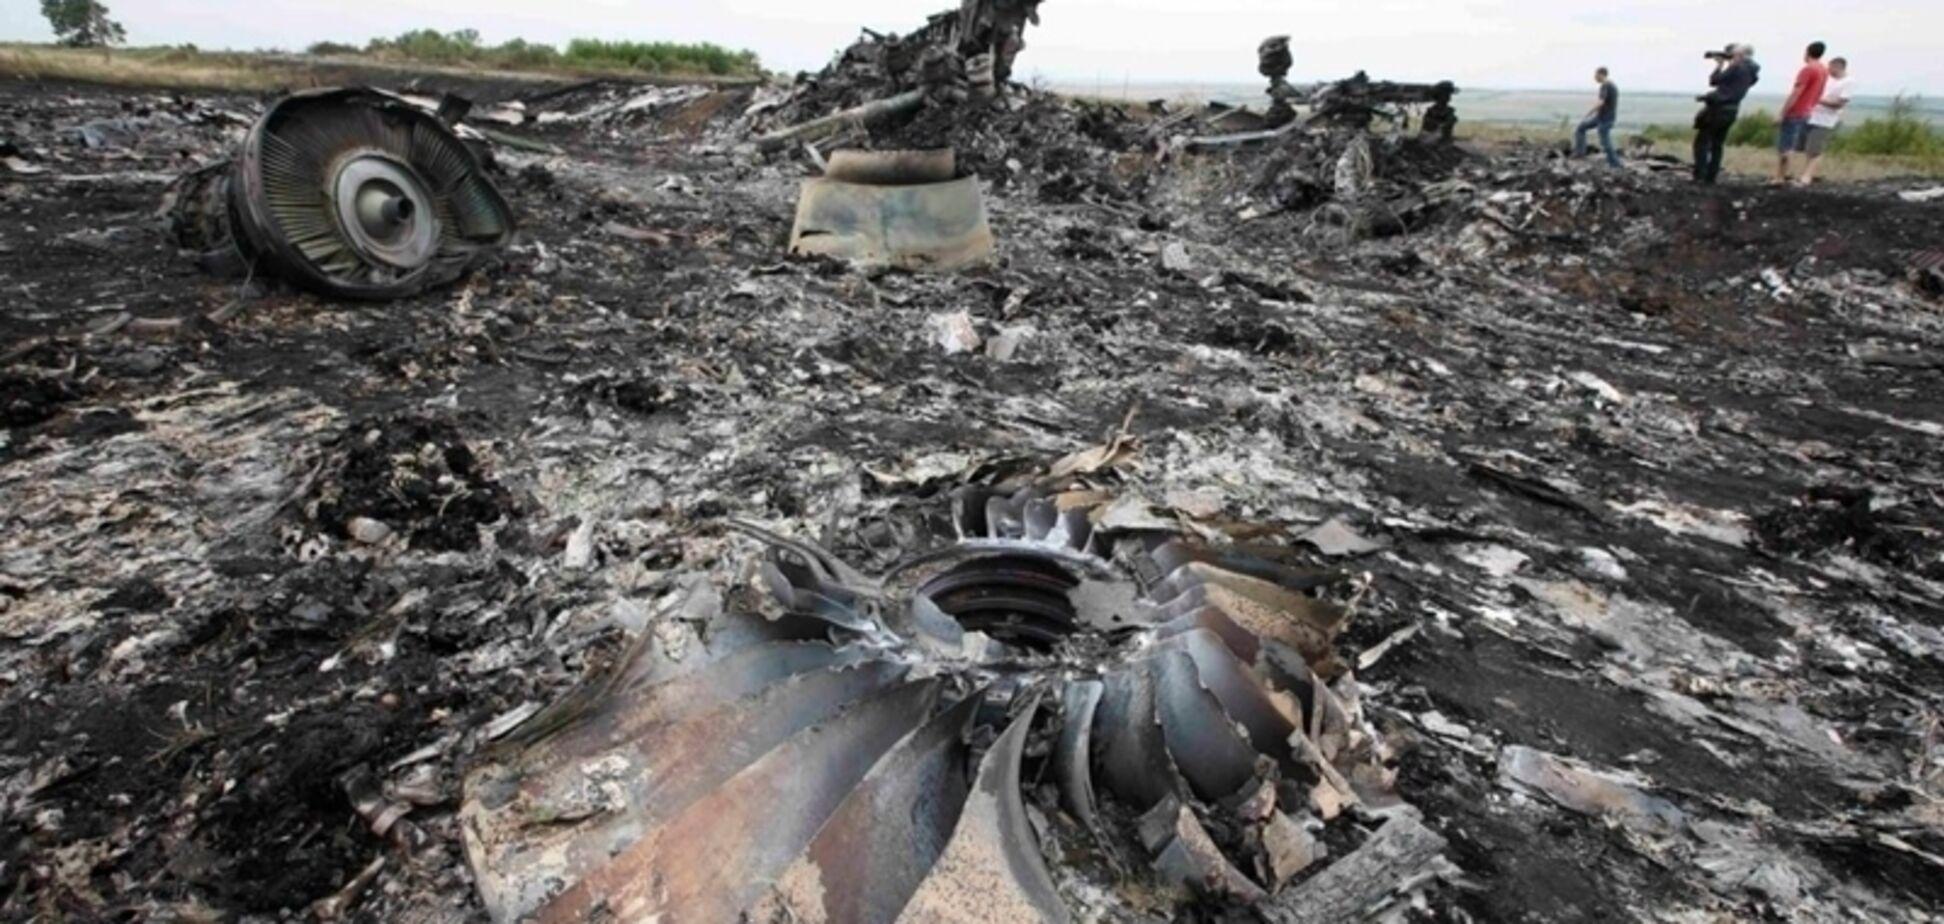 ''Сенсація'' Росії щодо загибелі МН17: генерал розкрив правду про ''винуватця''